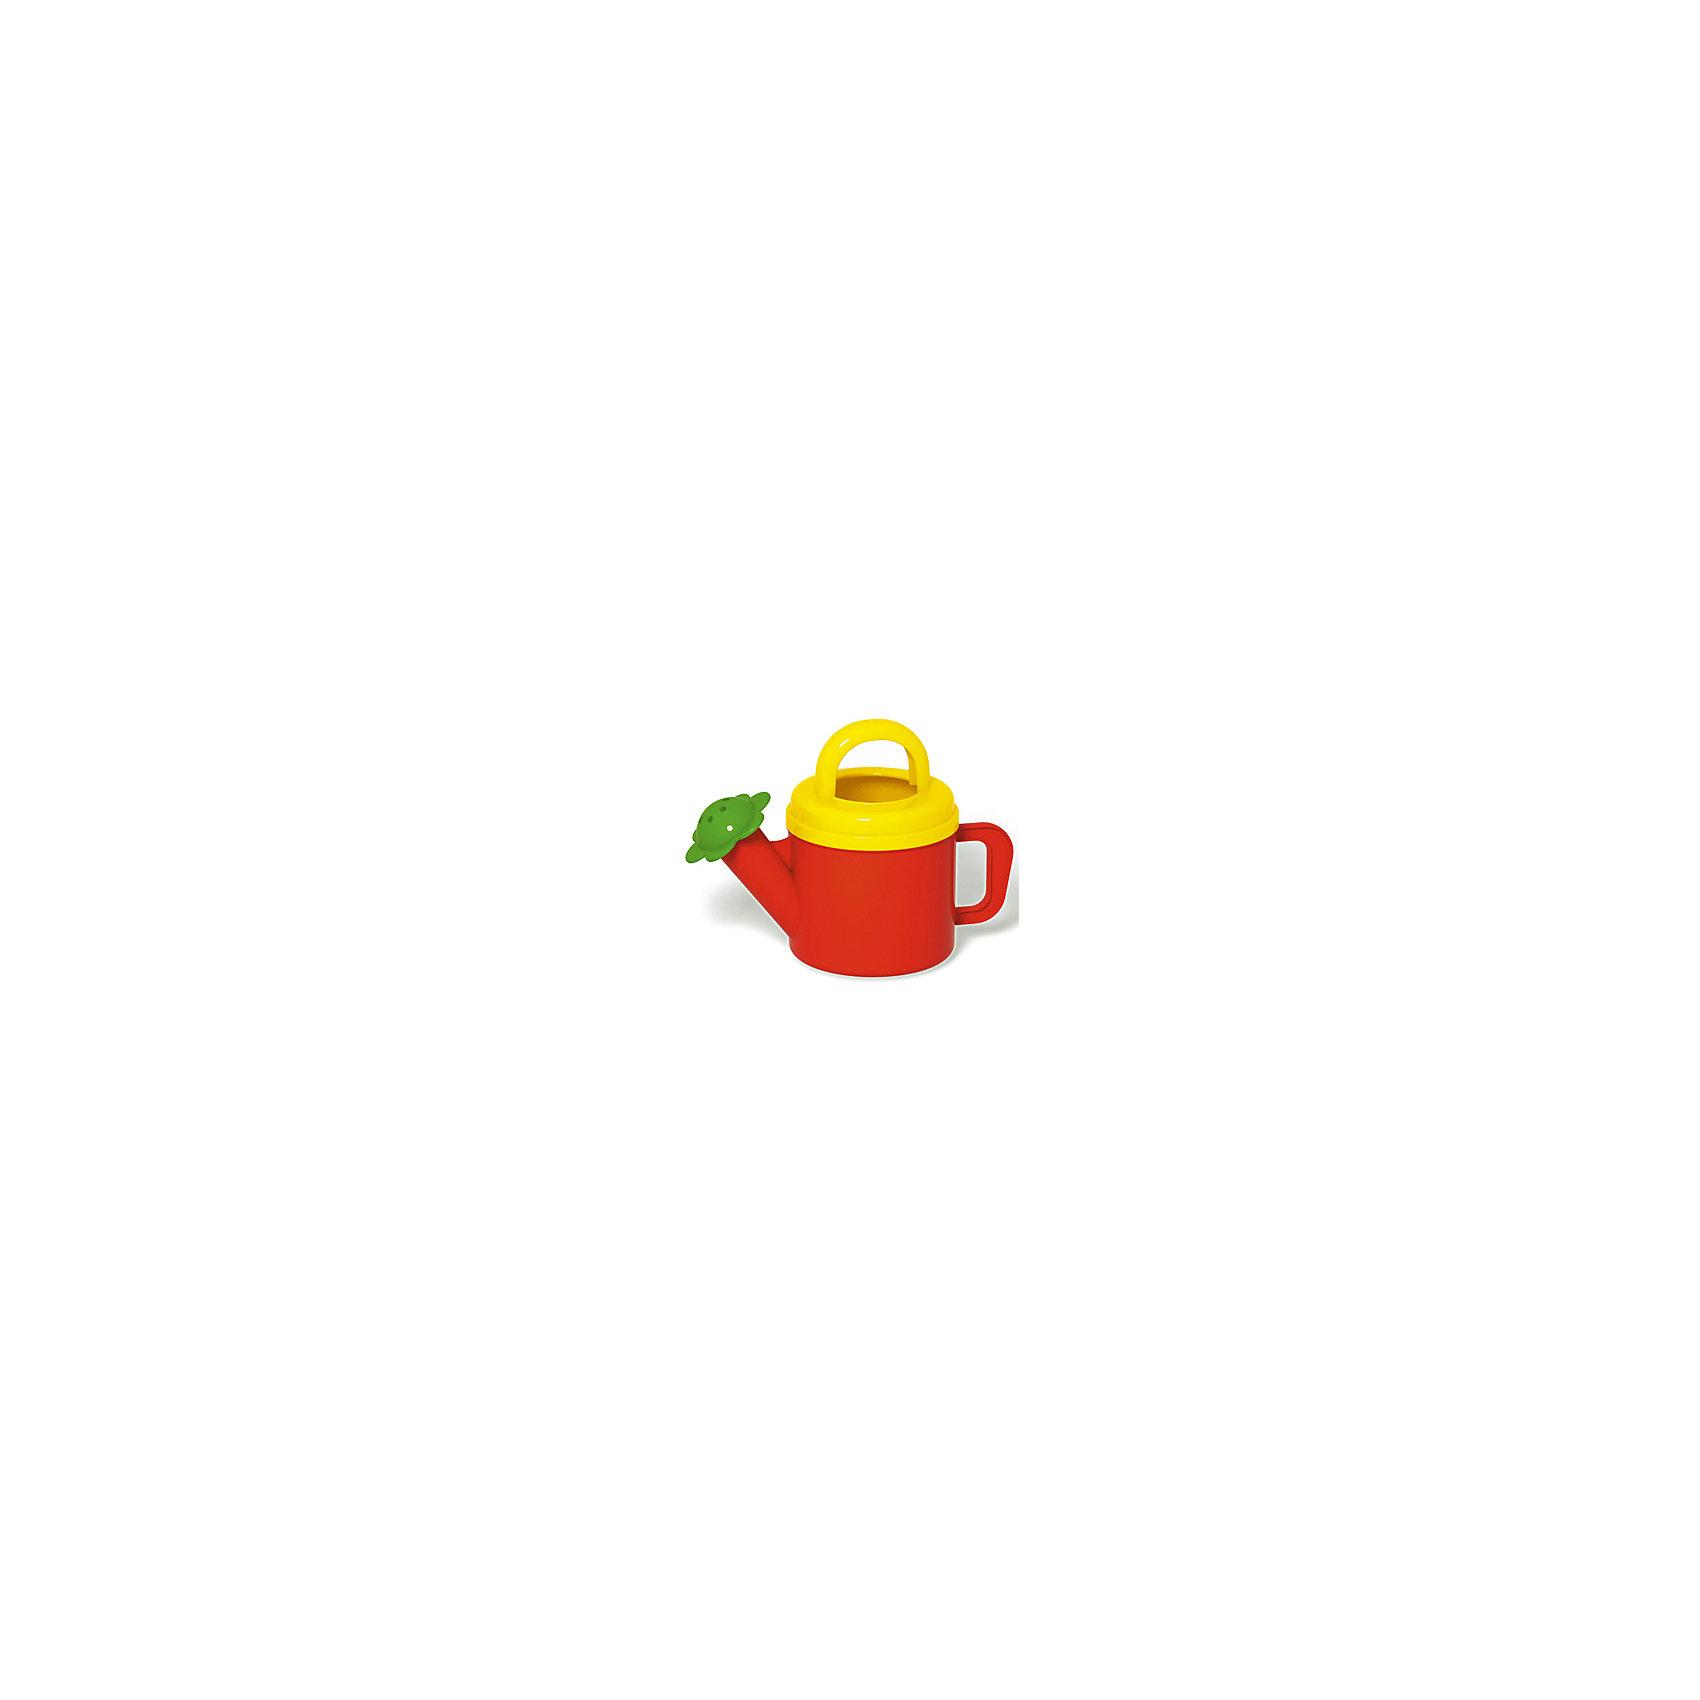 Лейка 0,4 л., СтелларИграем в песочнице<br>Все дети очень любят игры с водой. Эта яркая леечка обязательно привлечет внимание вашего ребенка. Ее можно брать с собой на пляж, поливать из нее цветы или просто весело плескаться в ванне. Игрушка выполнена из высококачественного пластика, не имеет острых углов, безопасна для детей. <br><br>Дополнительная информация:<br><br>- Материал: пластик.<br>- Цвет: красный, желтый, зеленый.<br>- Объем: 0,4 л.<br><br>Лейку 0,4 л., Стеллар, можно купить в нашем магазине.<br><br>Ширина мм: 80<br>Глубина мм: 130<br>Высота мм: 180<br>Вес г: 290<br>Возраст от месяцев: 36<br>Возраст до месяцев: 72<br>Пол: Унисекс<br>Возраст: Детский<br>SKU: 4044369